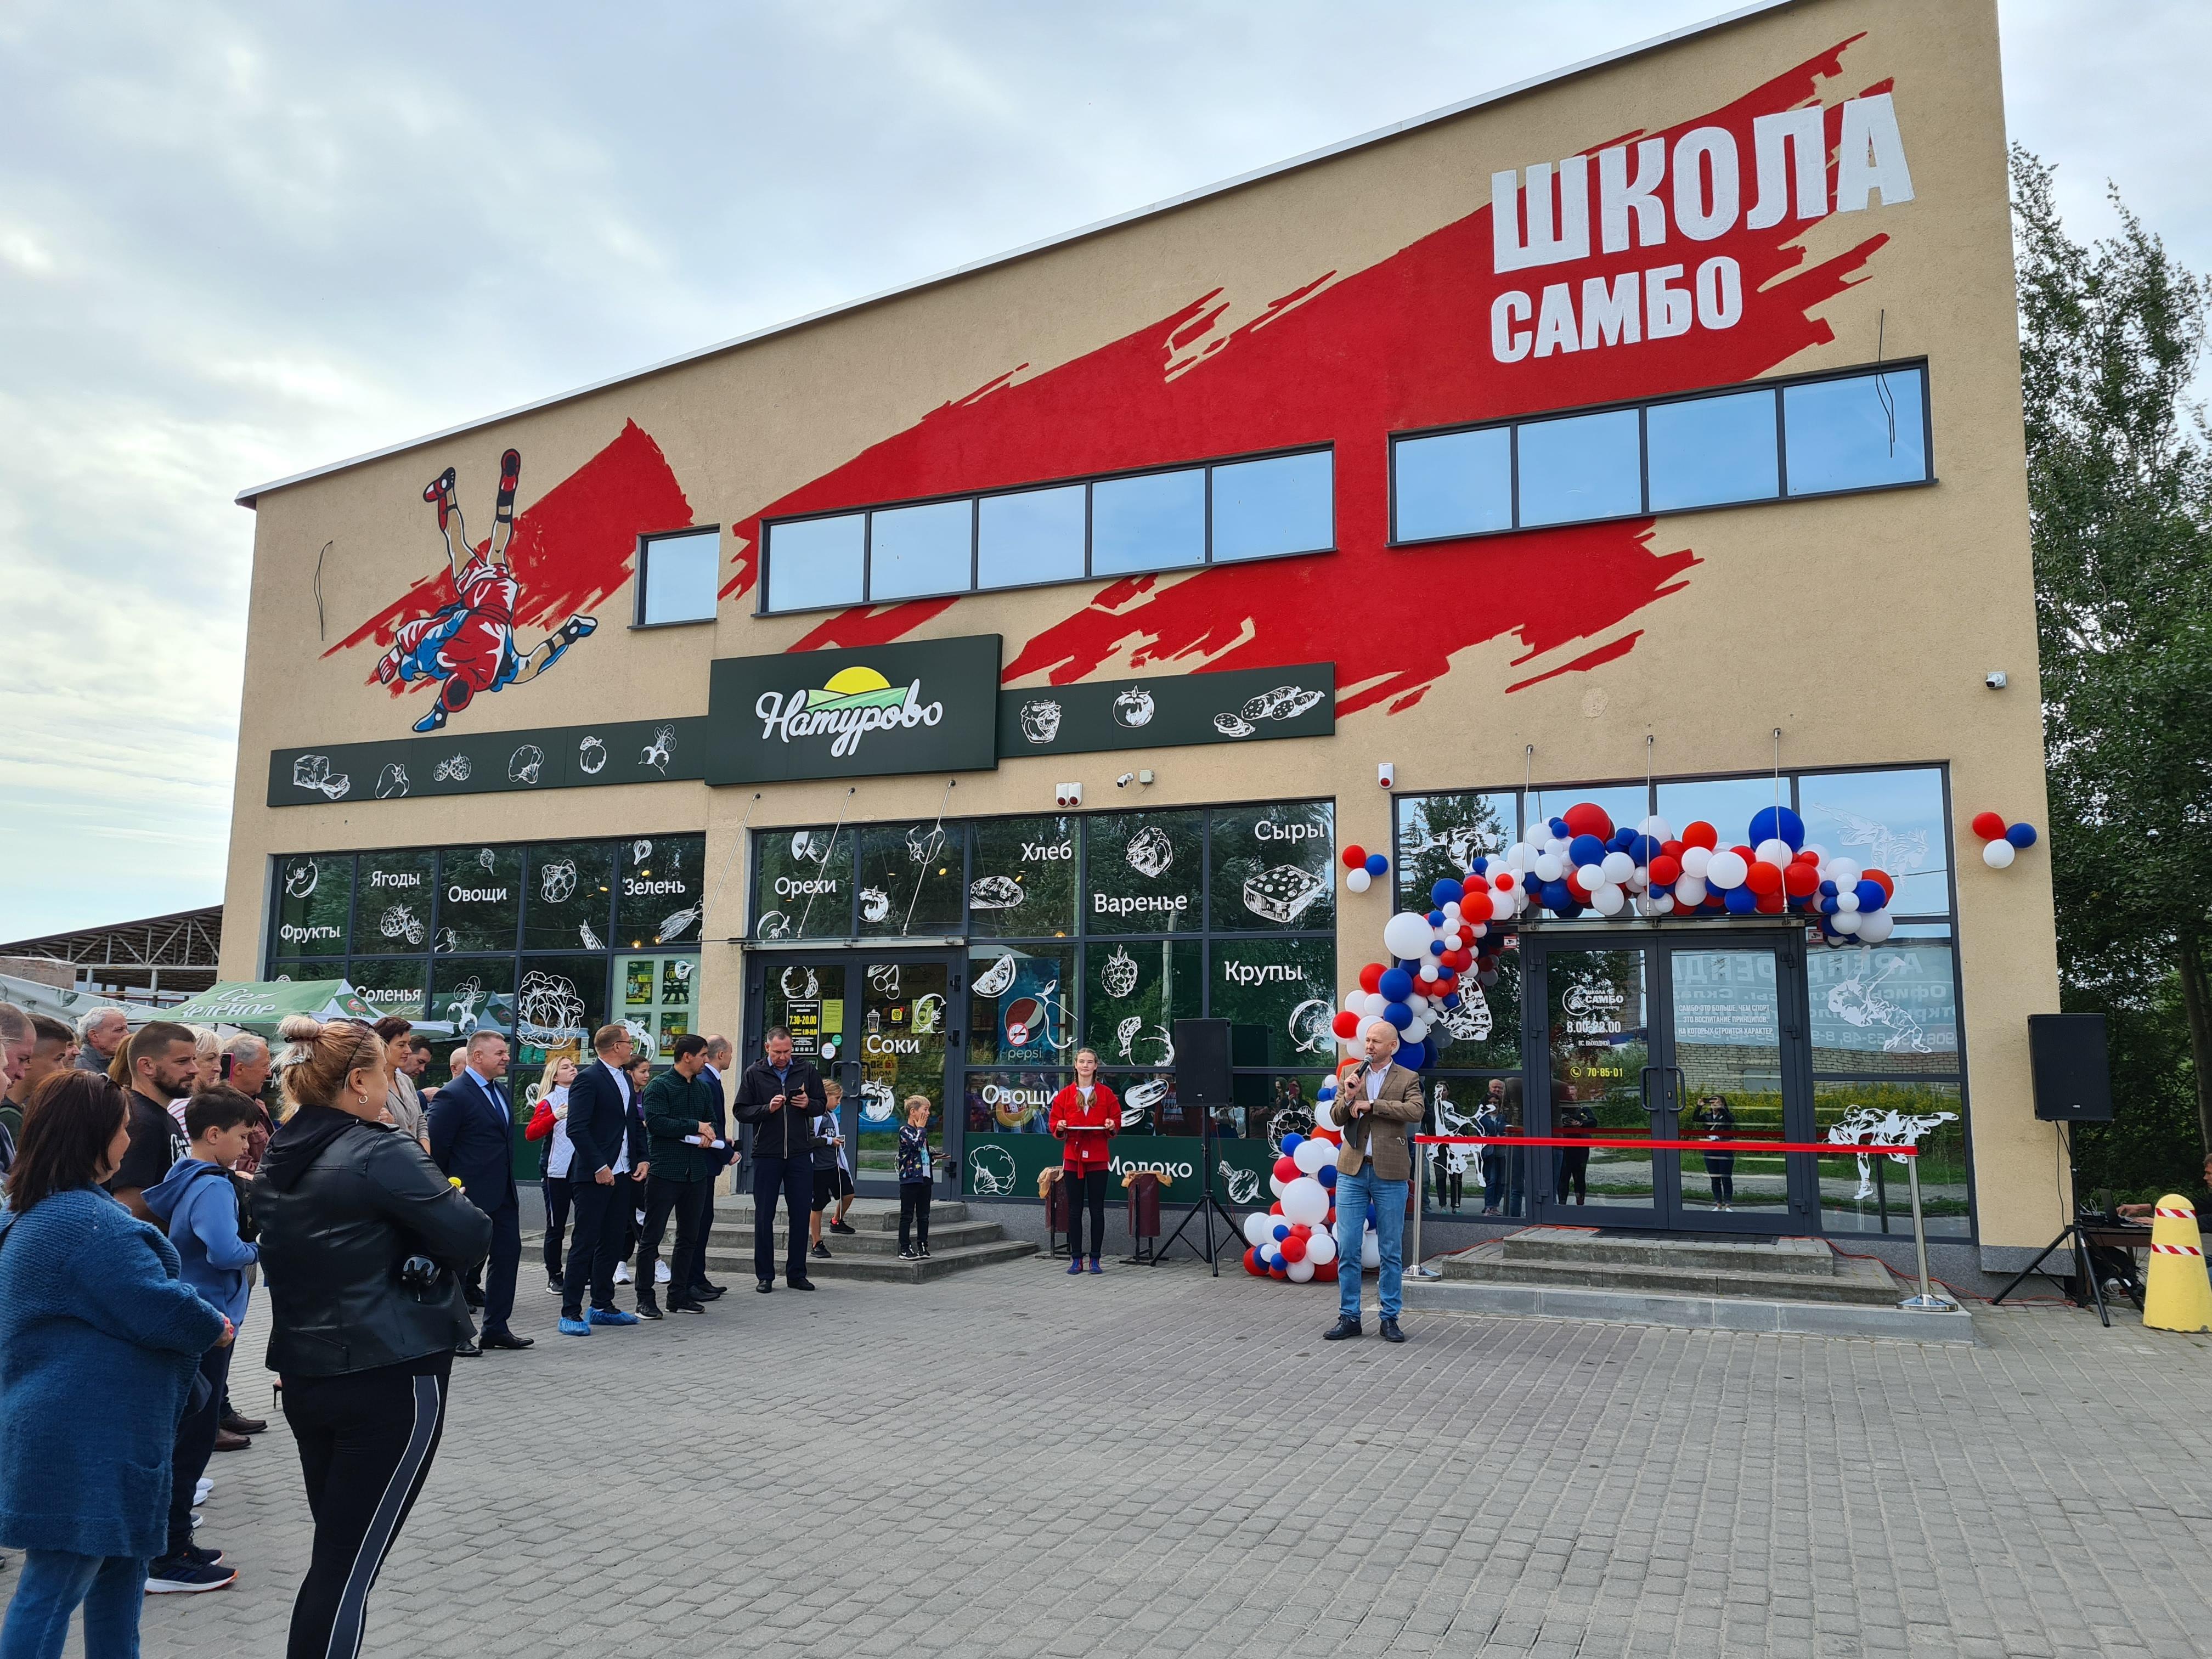 https://naturovo.ru/wp-content/uploads/2021/08/20210825_110041.jpg